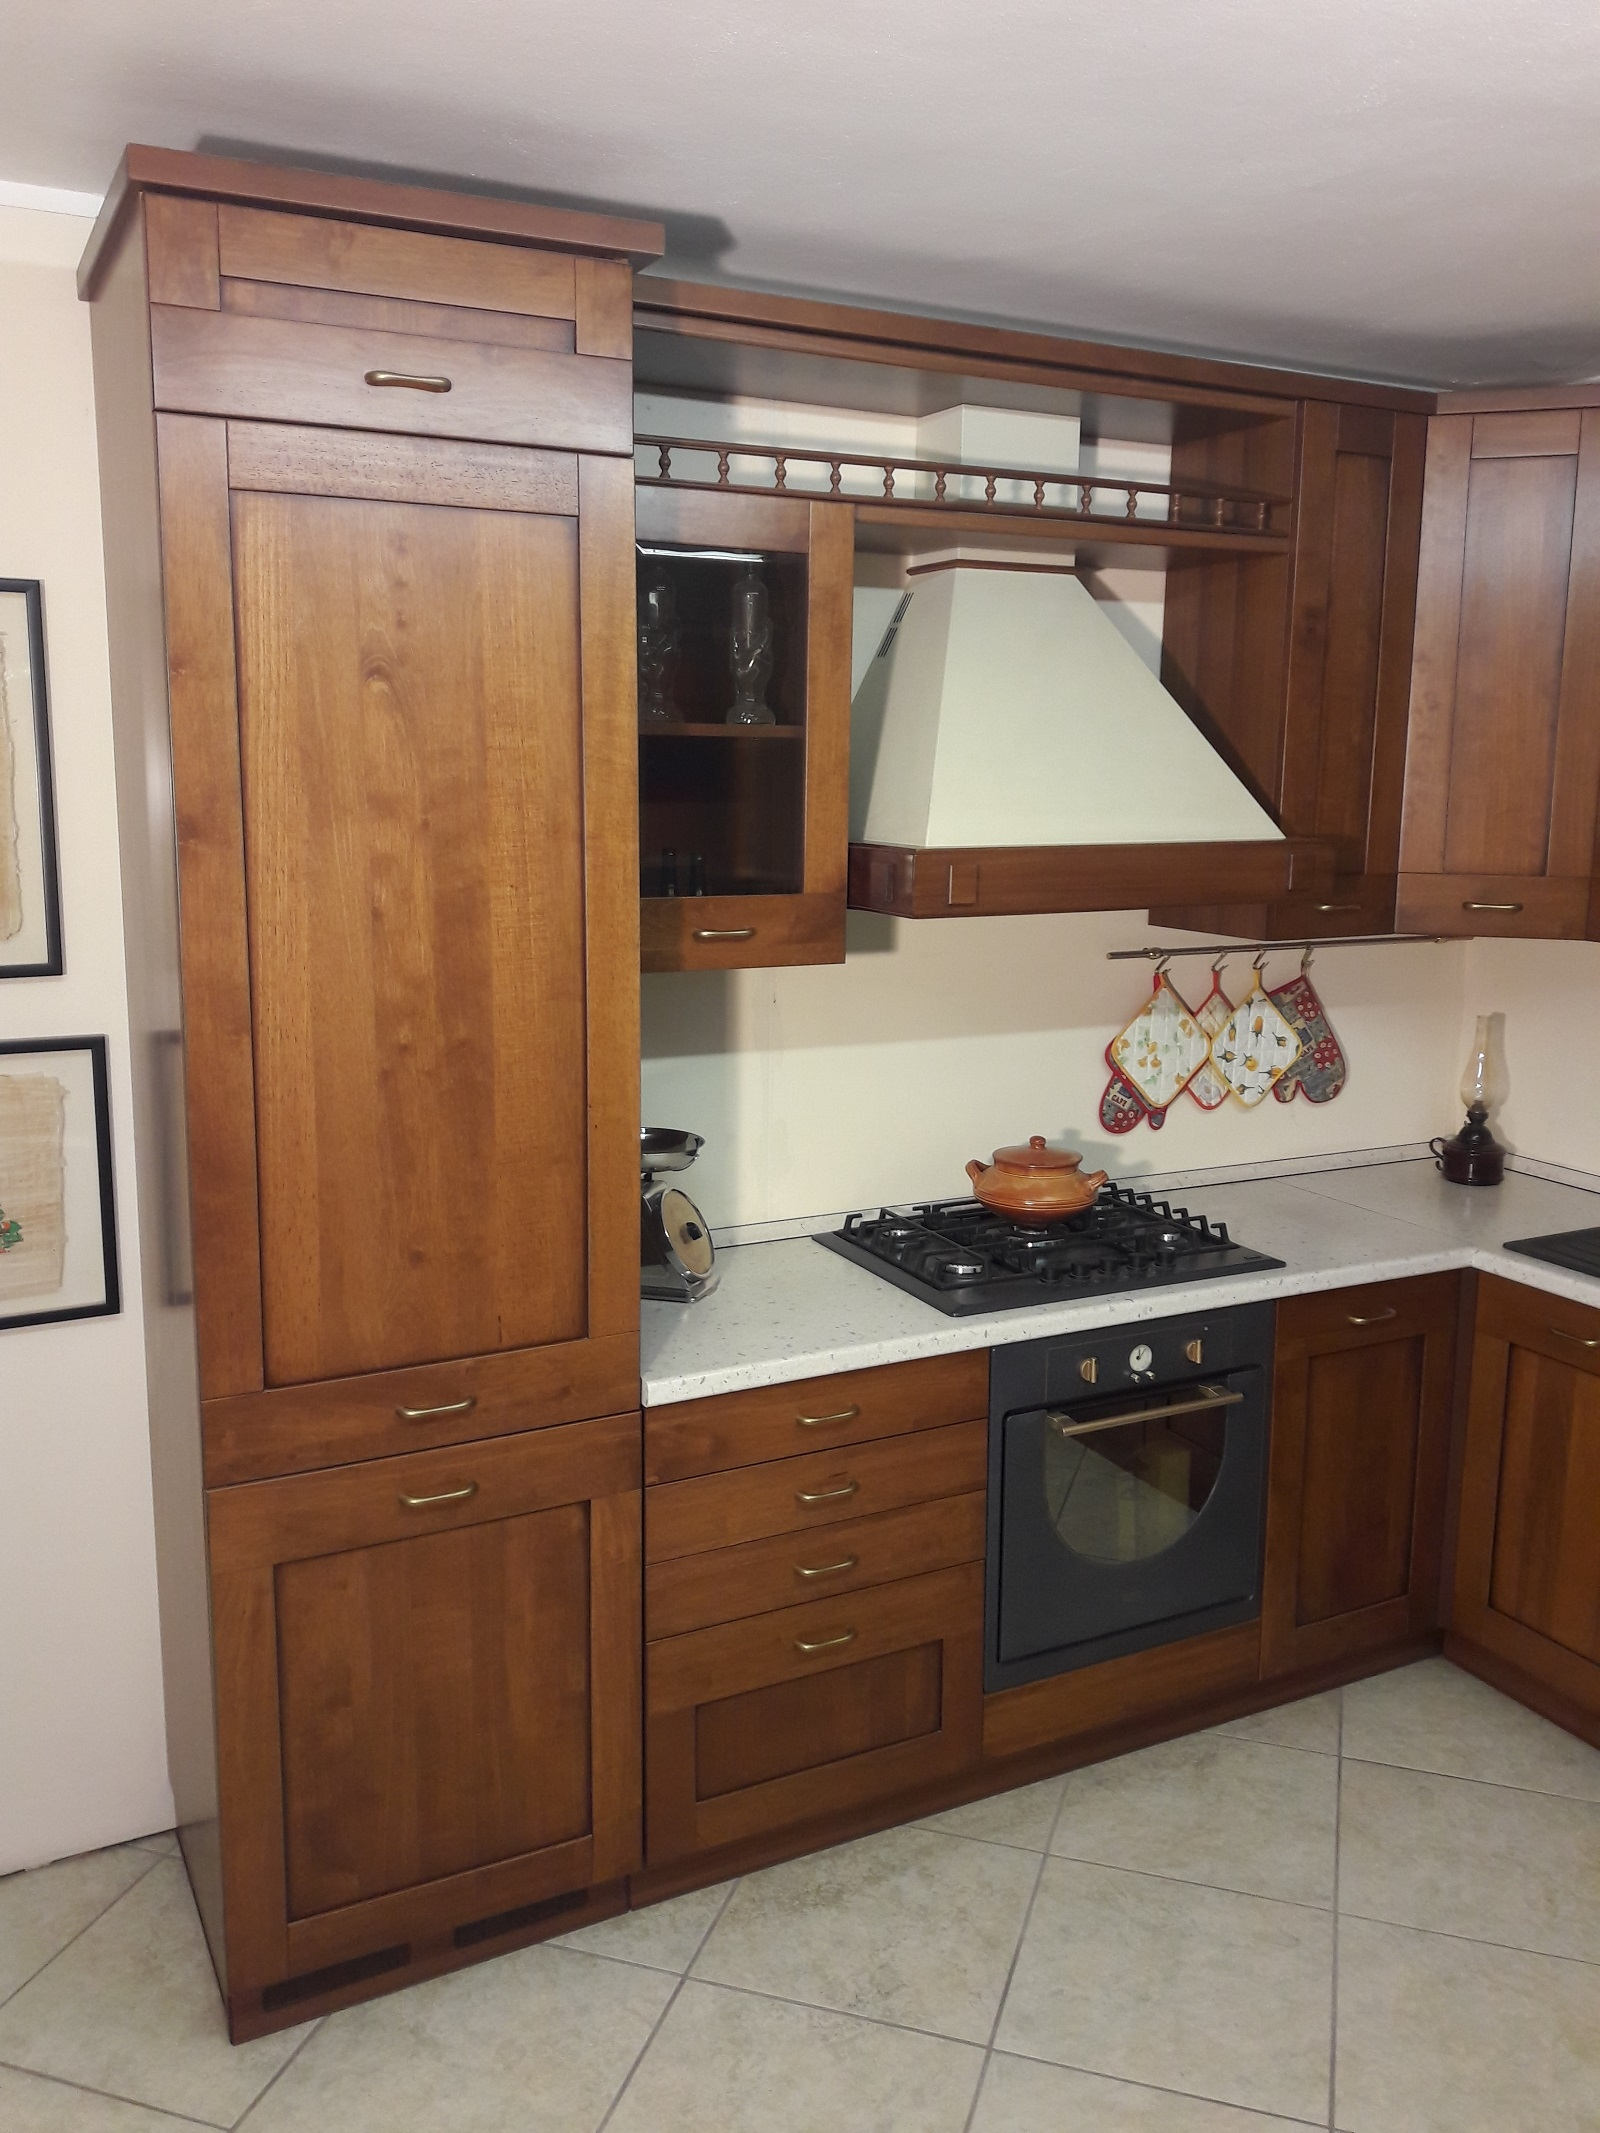 Cucina angolare in legno tinto noce completa di elettrodomestici in offerta cucine a prezzi - Cucina completa prezzi ...